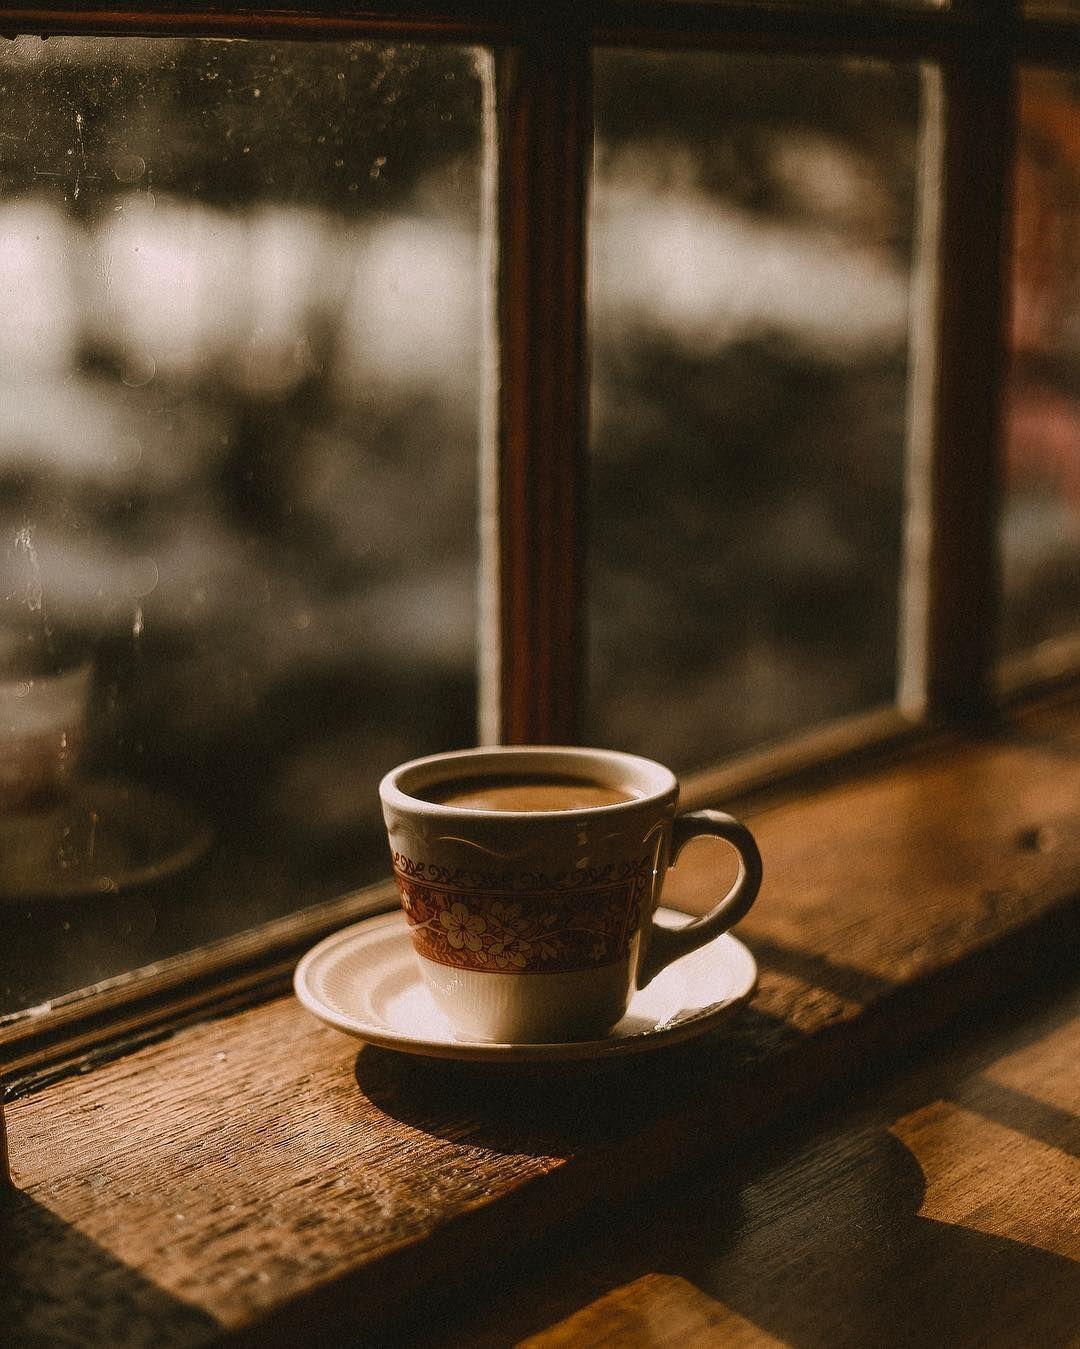 Le Tazze per Lettrici ♥️ | Tazze, Fotografia di caffè, Tazza di caffè